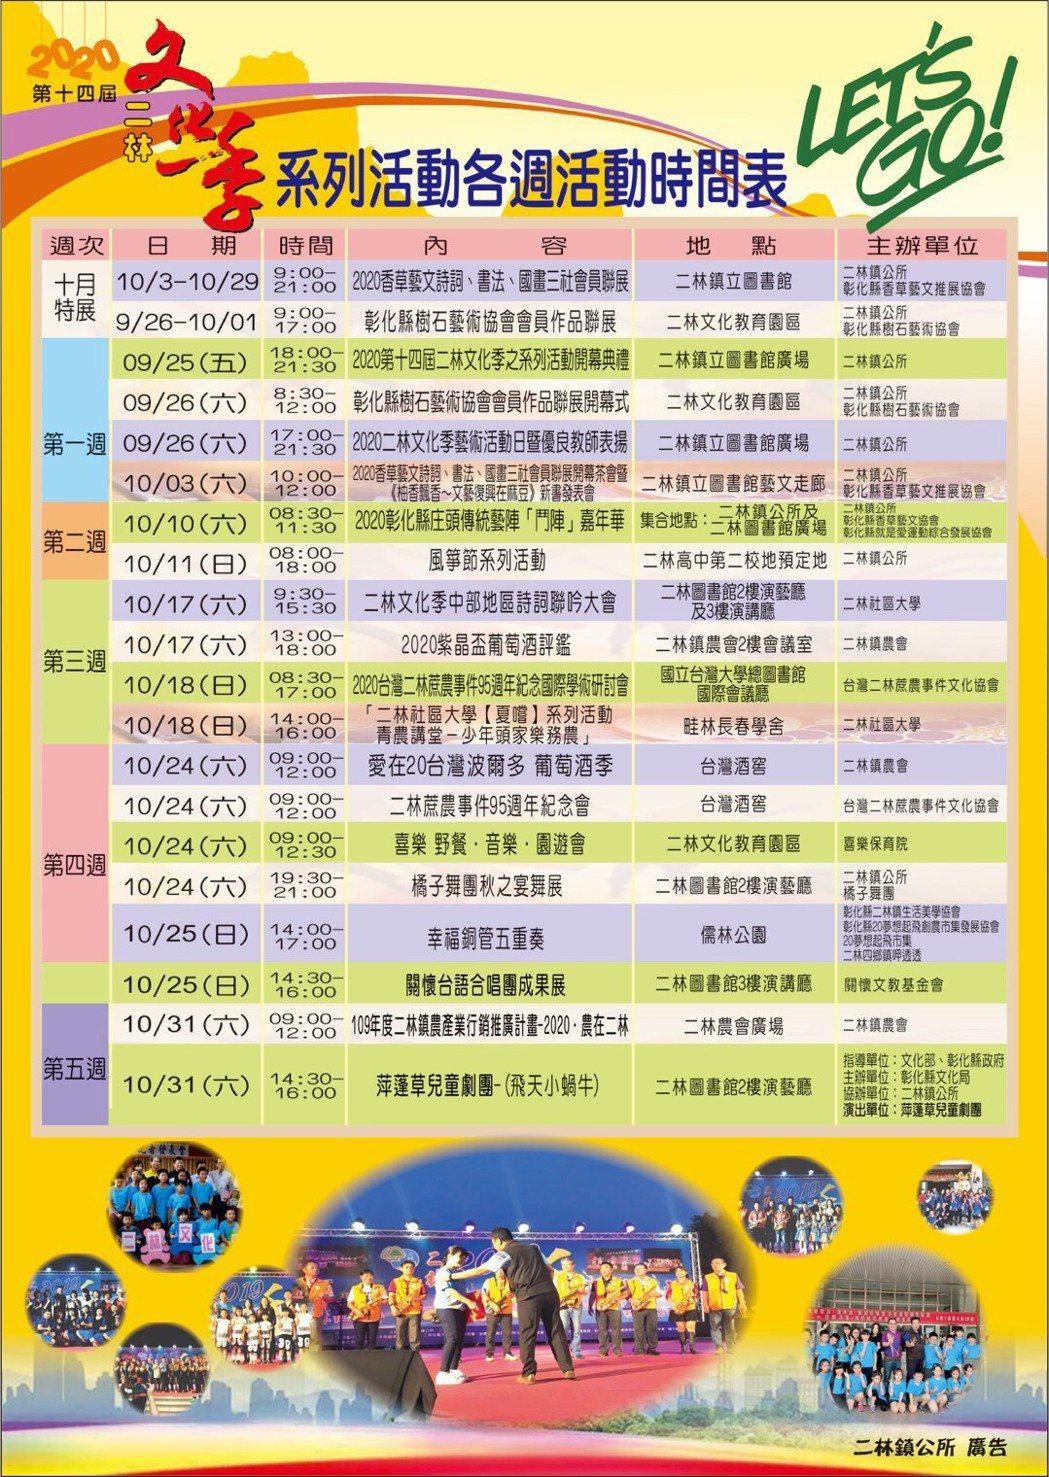 第14屆的彰化二林文化季「2020我愛二林」活動表,觀迎全國各界來二林鎮吃喝玩樂...